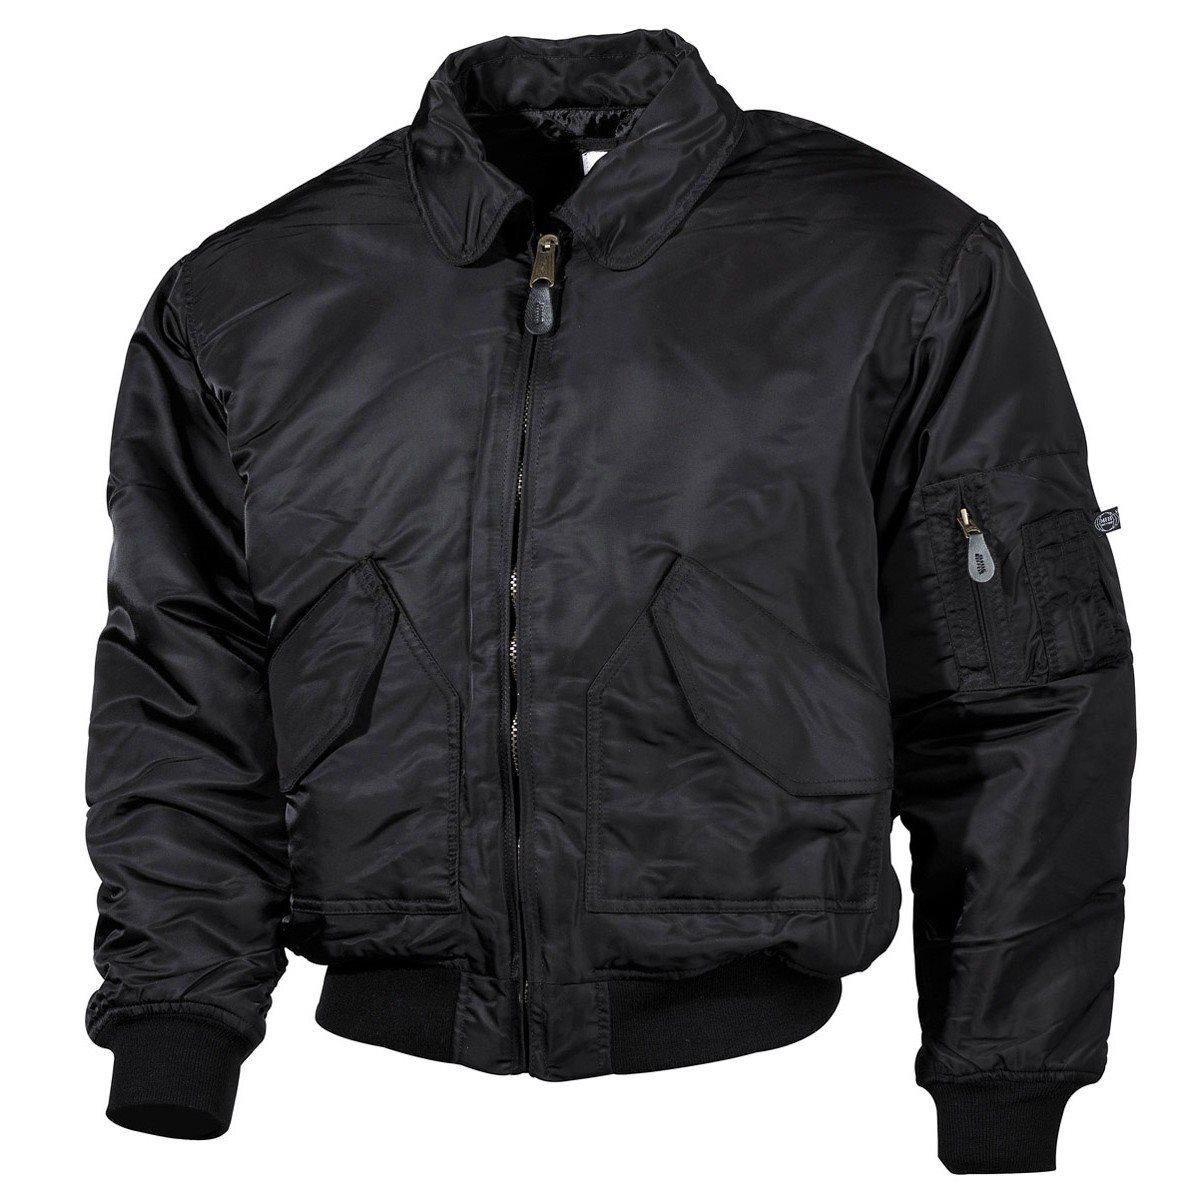 Jacket CWU BLACK MFH int. comp. 03753A L-11